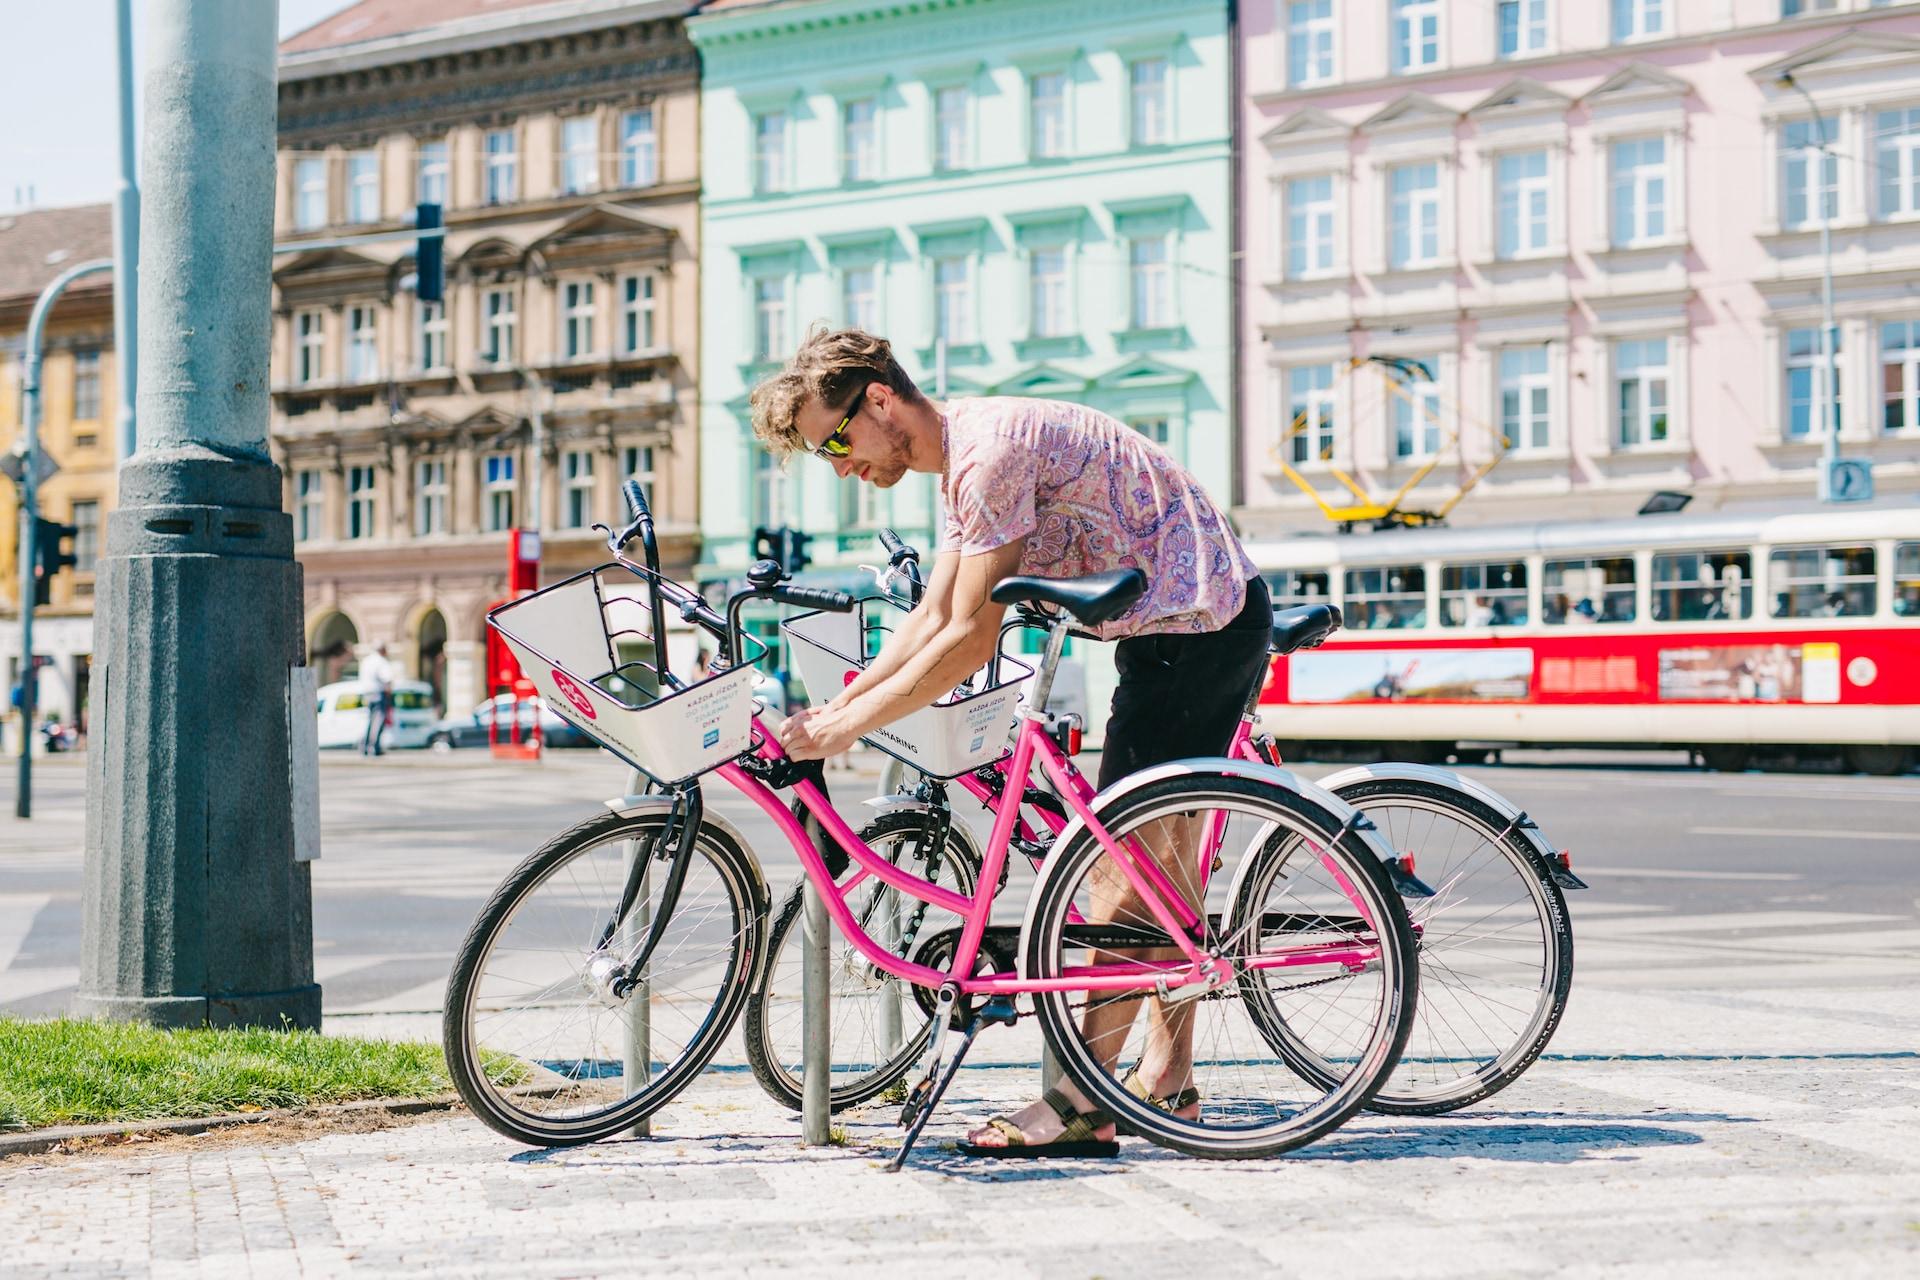 Růžová kola jde ve většině měst vracet kdekoliv